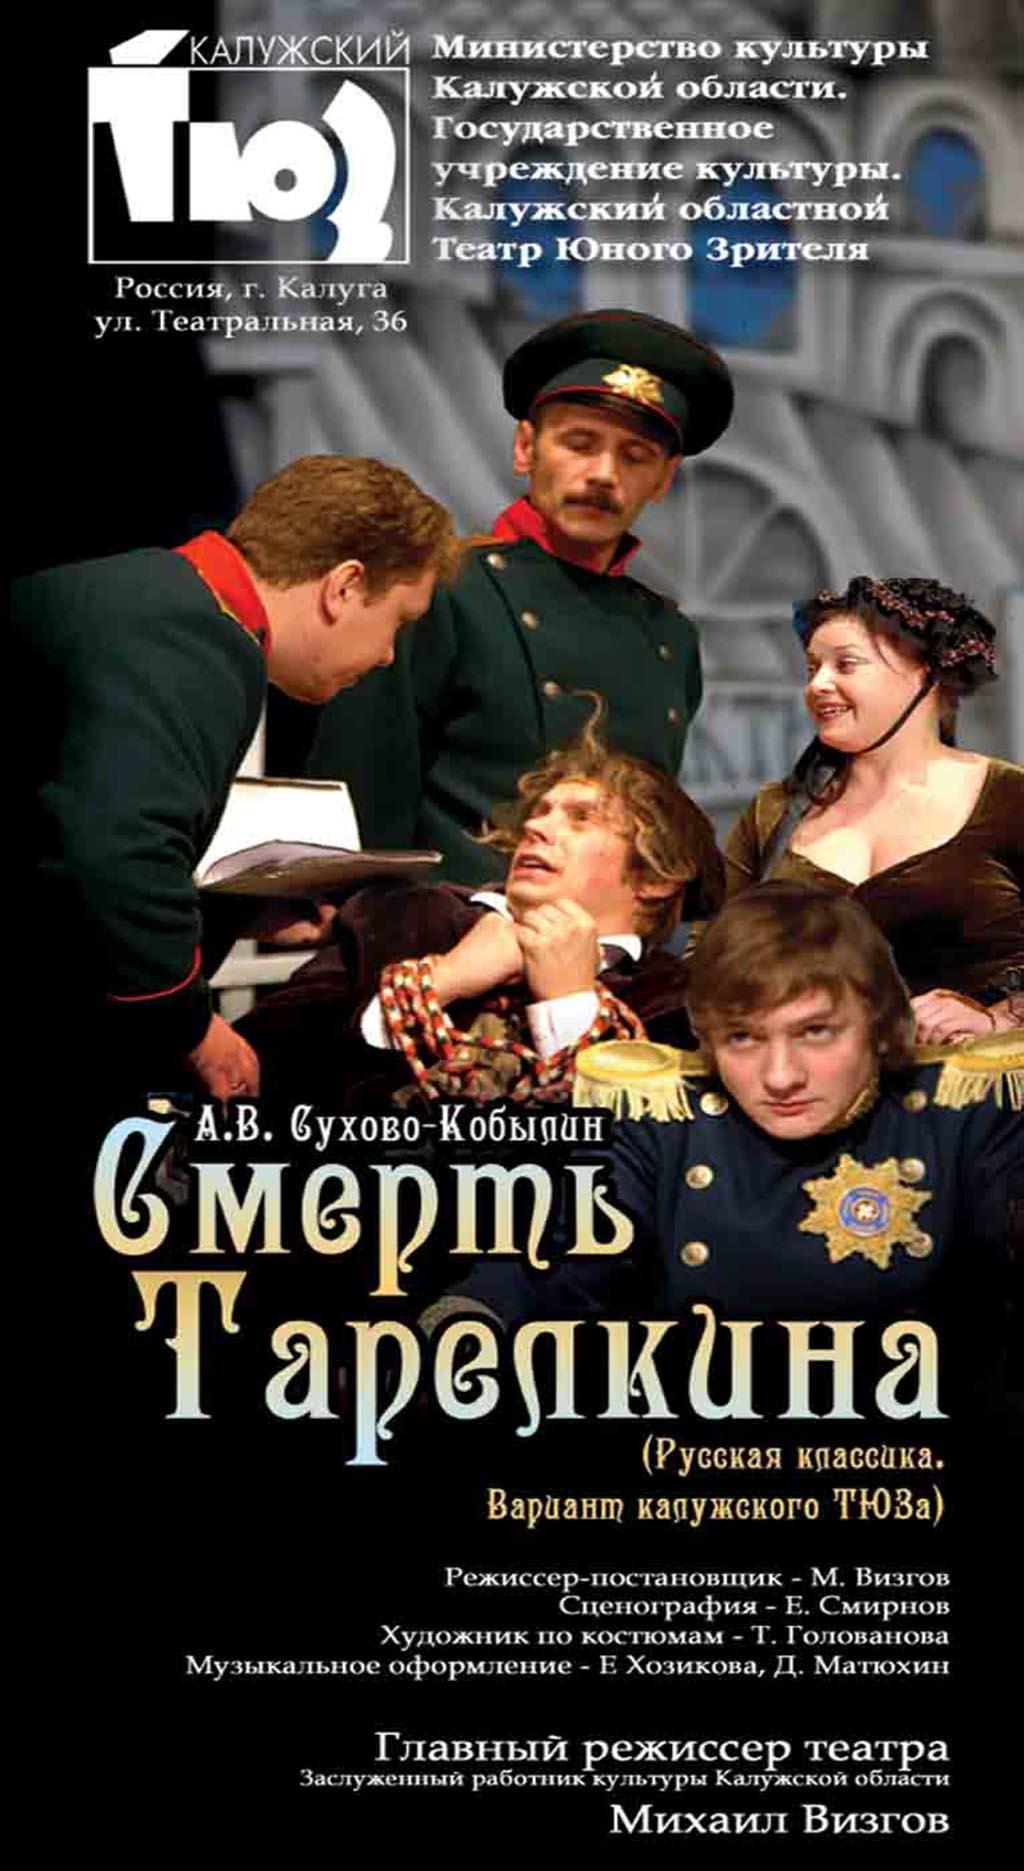 Русская классика Калужского ТЮЗа